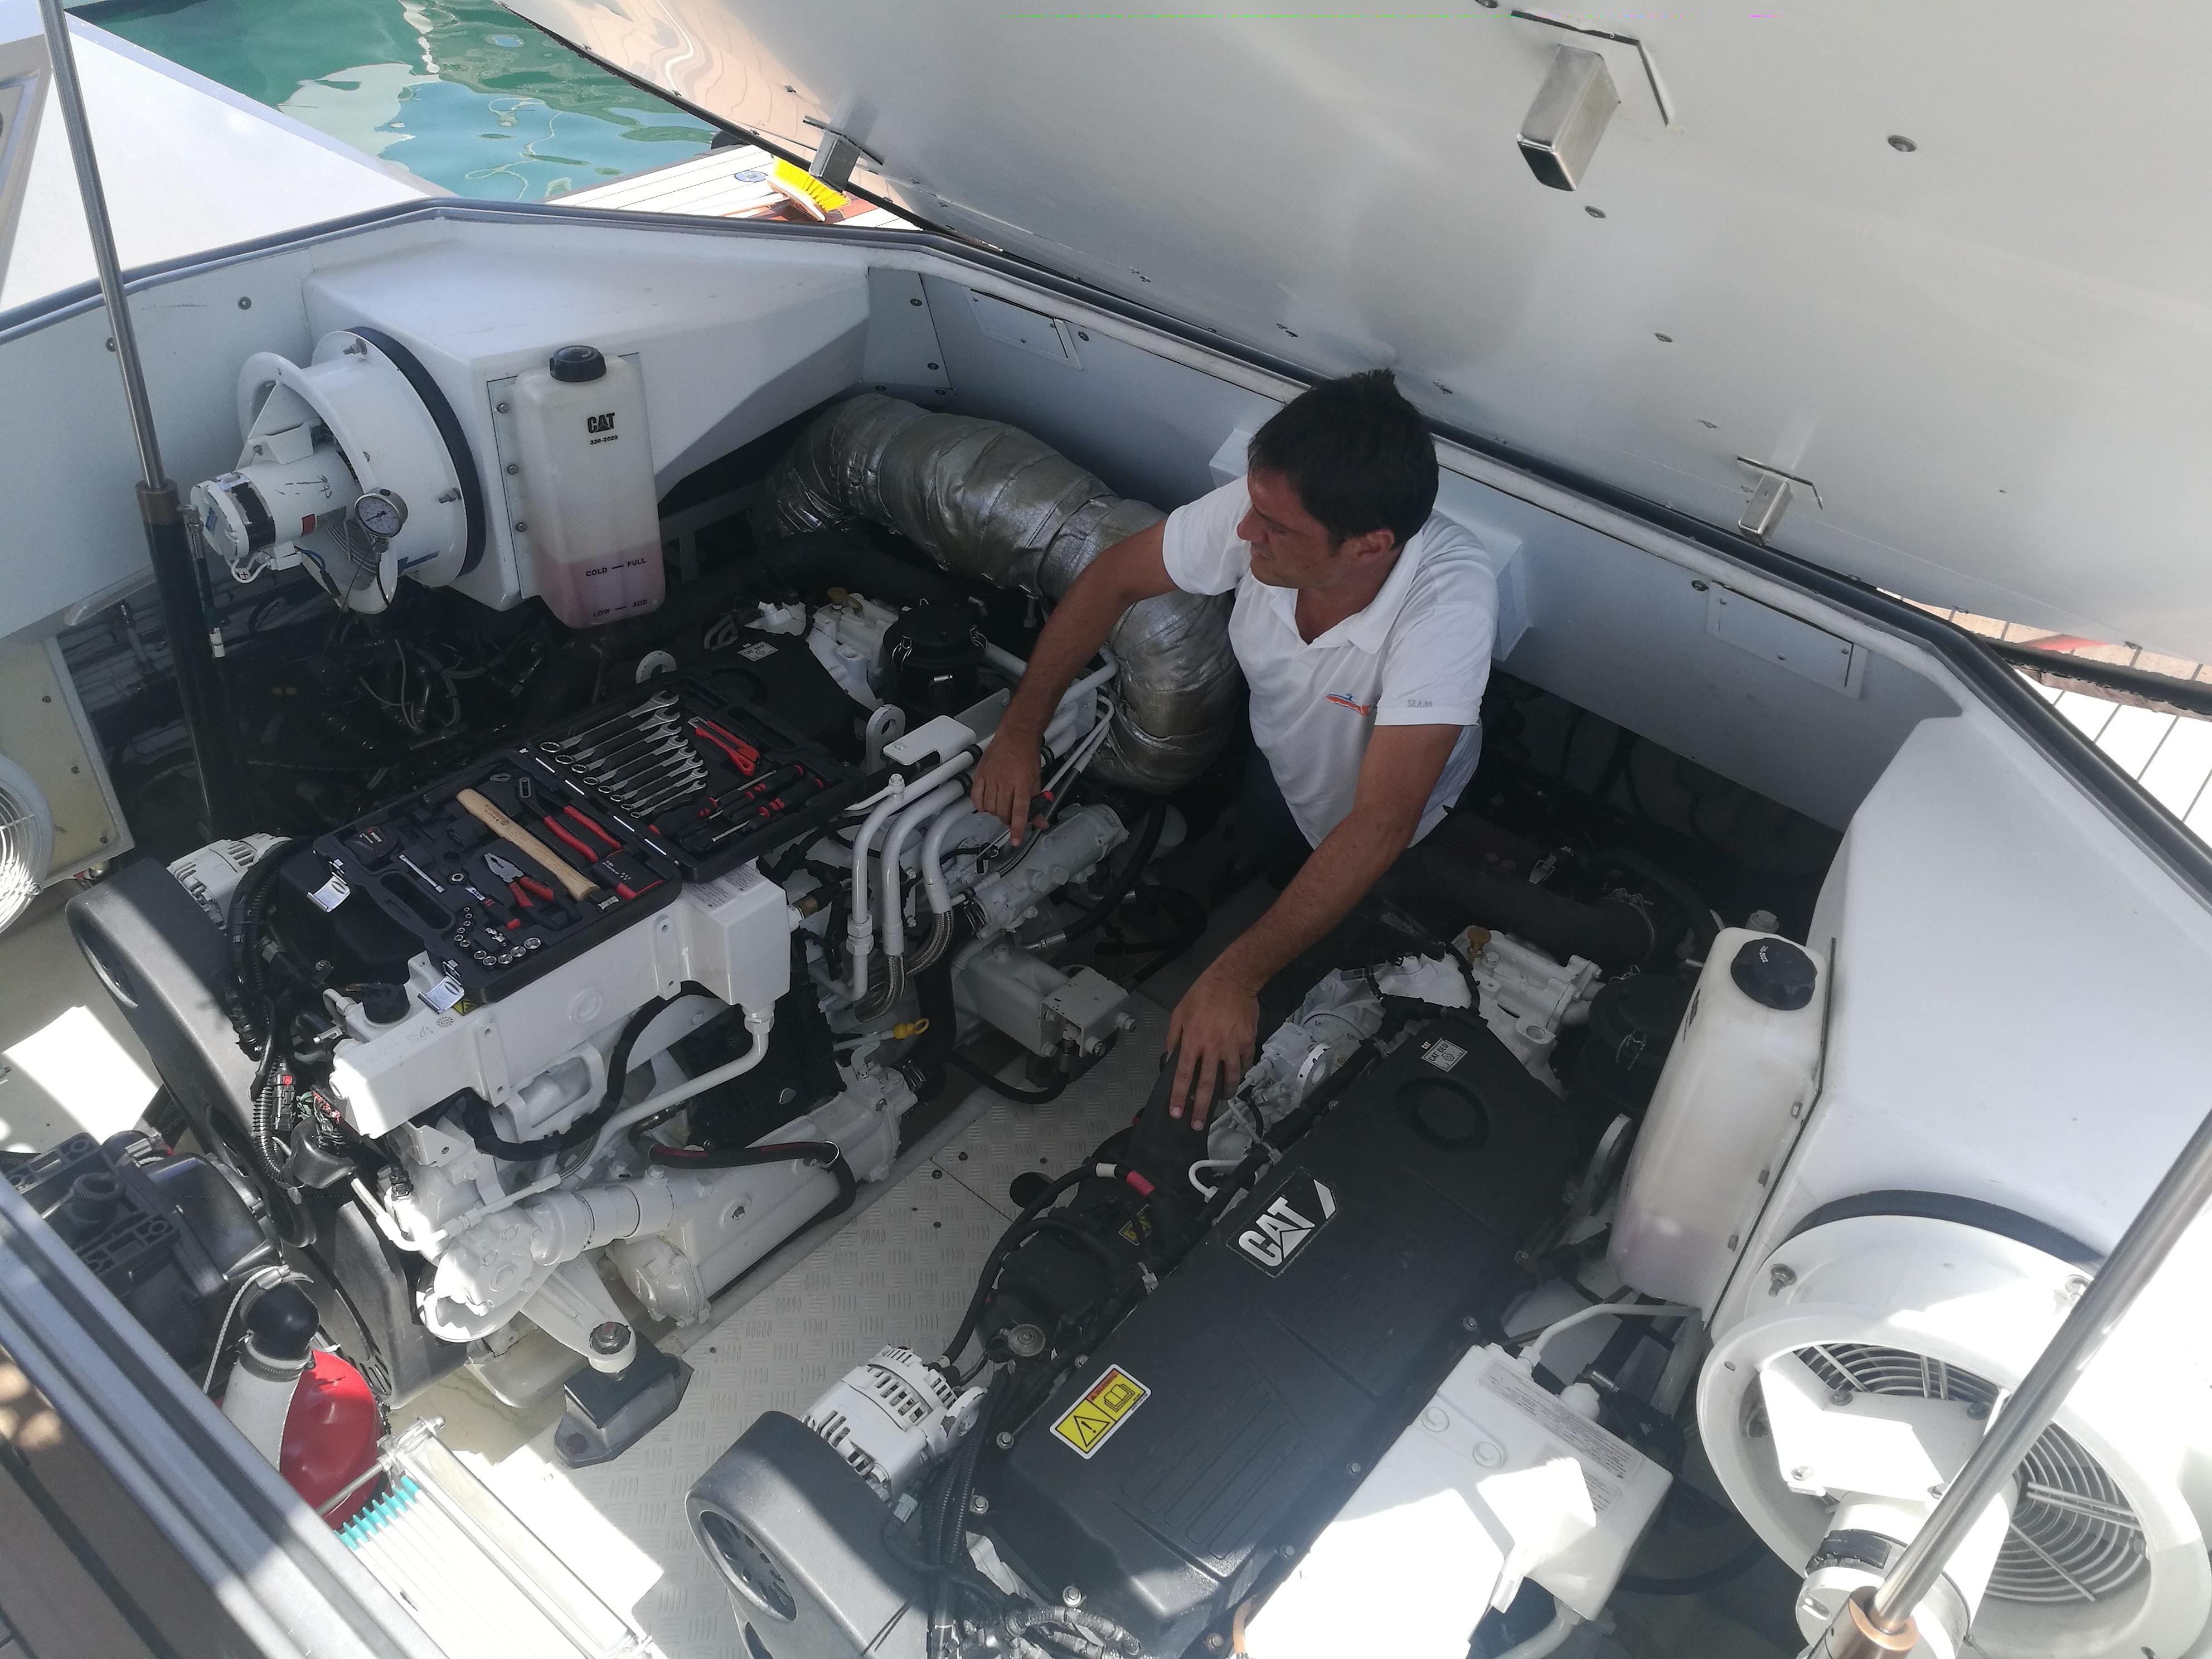 MOTOR YACHT Assistenza in sala macchine e riparazioni a bordo degli impianti